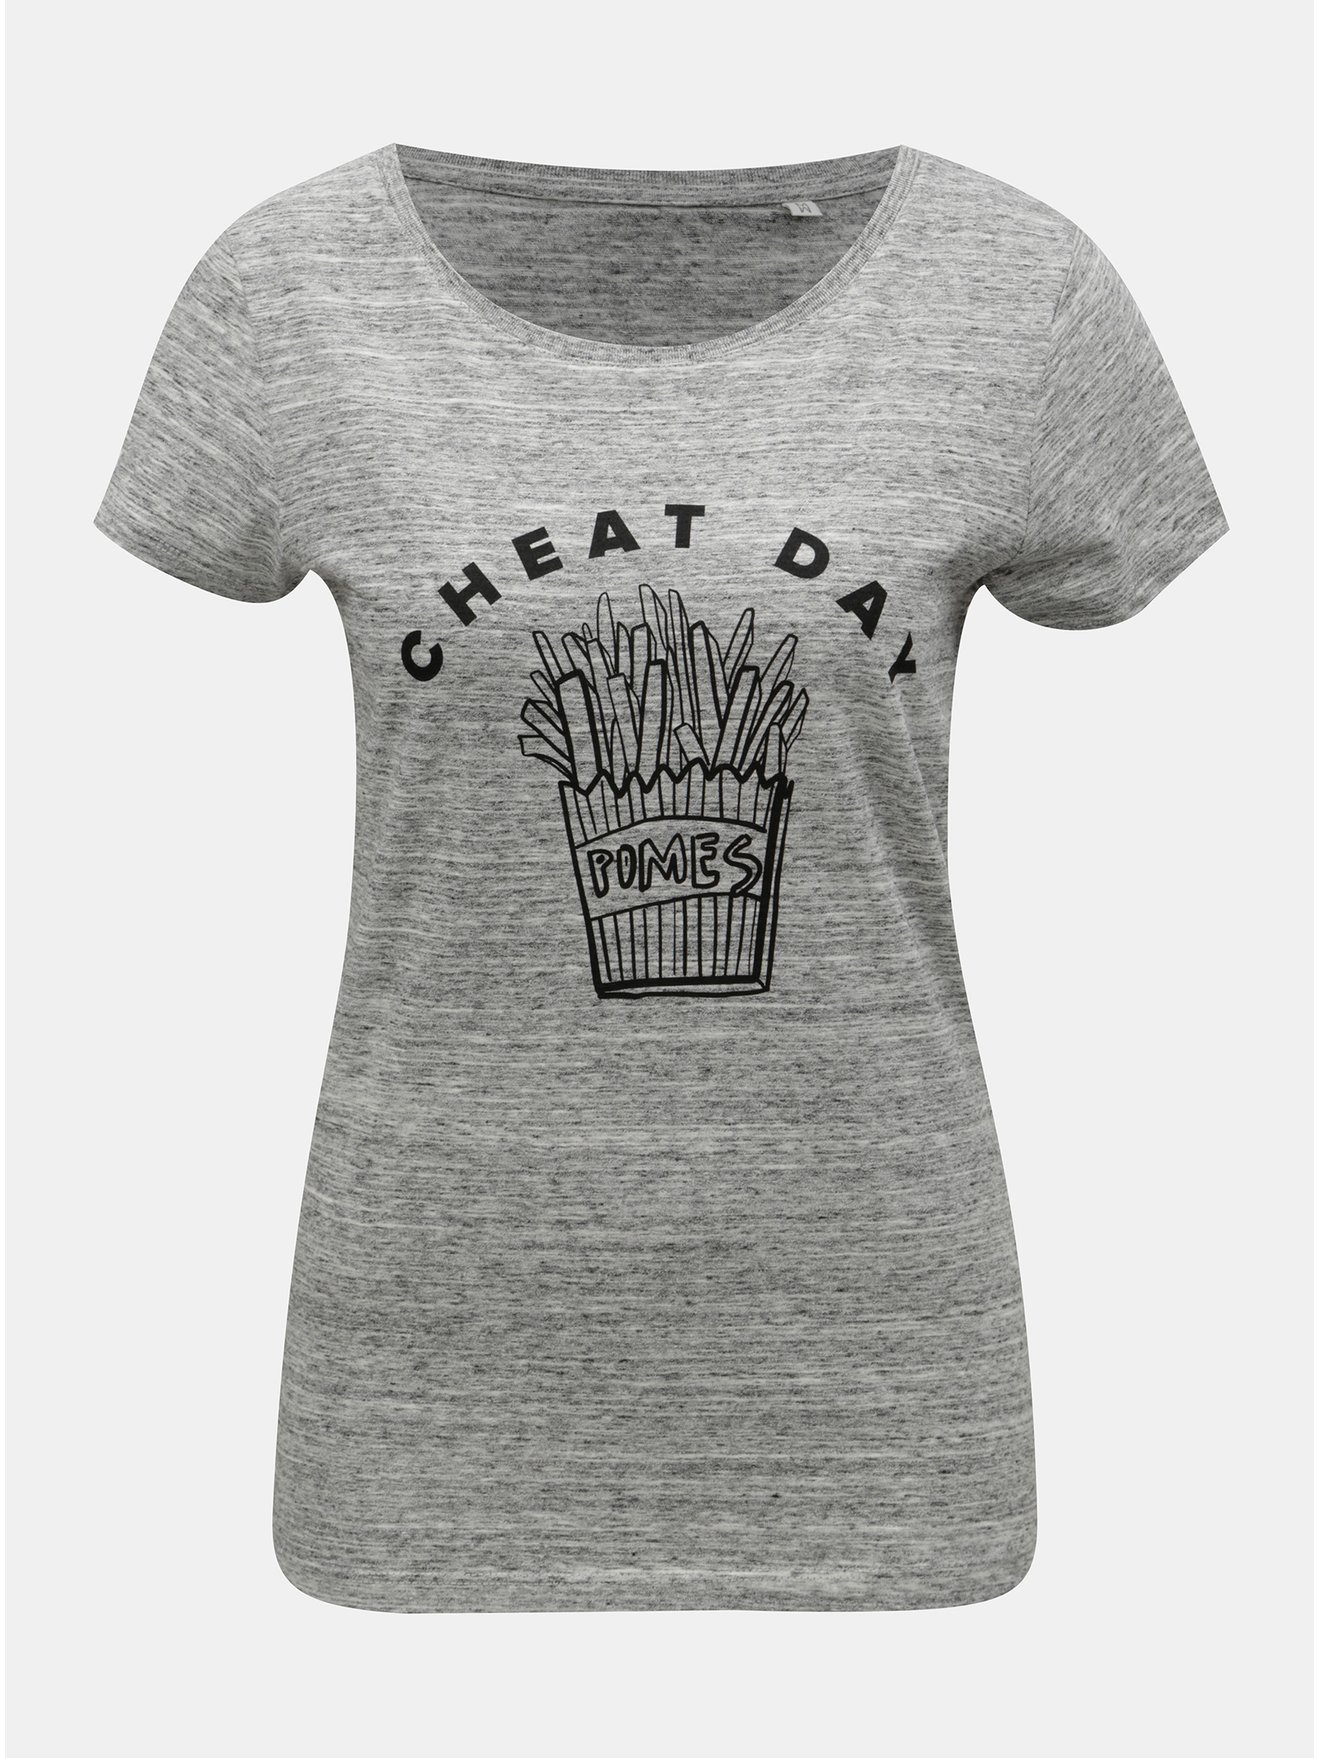 Šedé dámské žíhané tričko s motivem hranolek ZOOT Original Cheat day 6bdef4adda